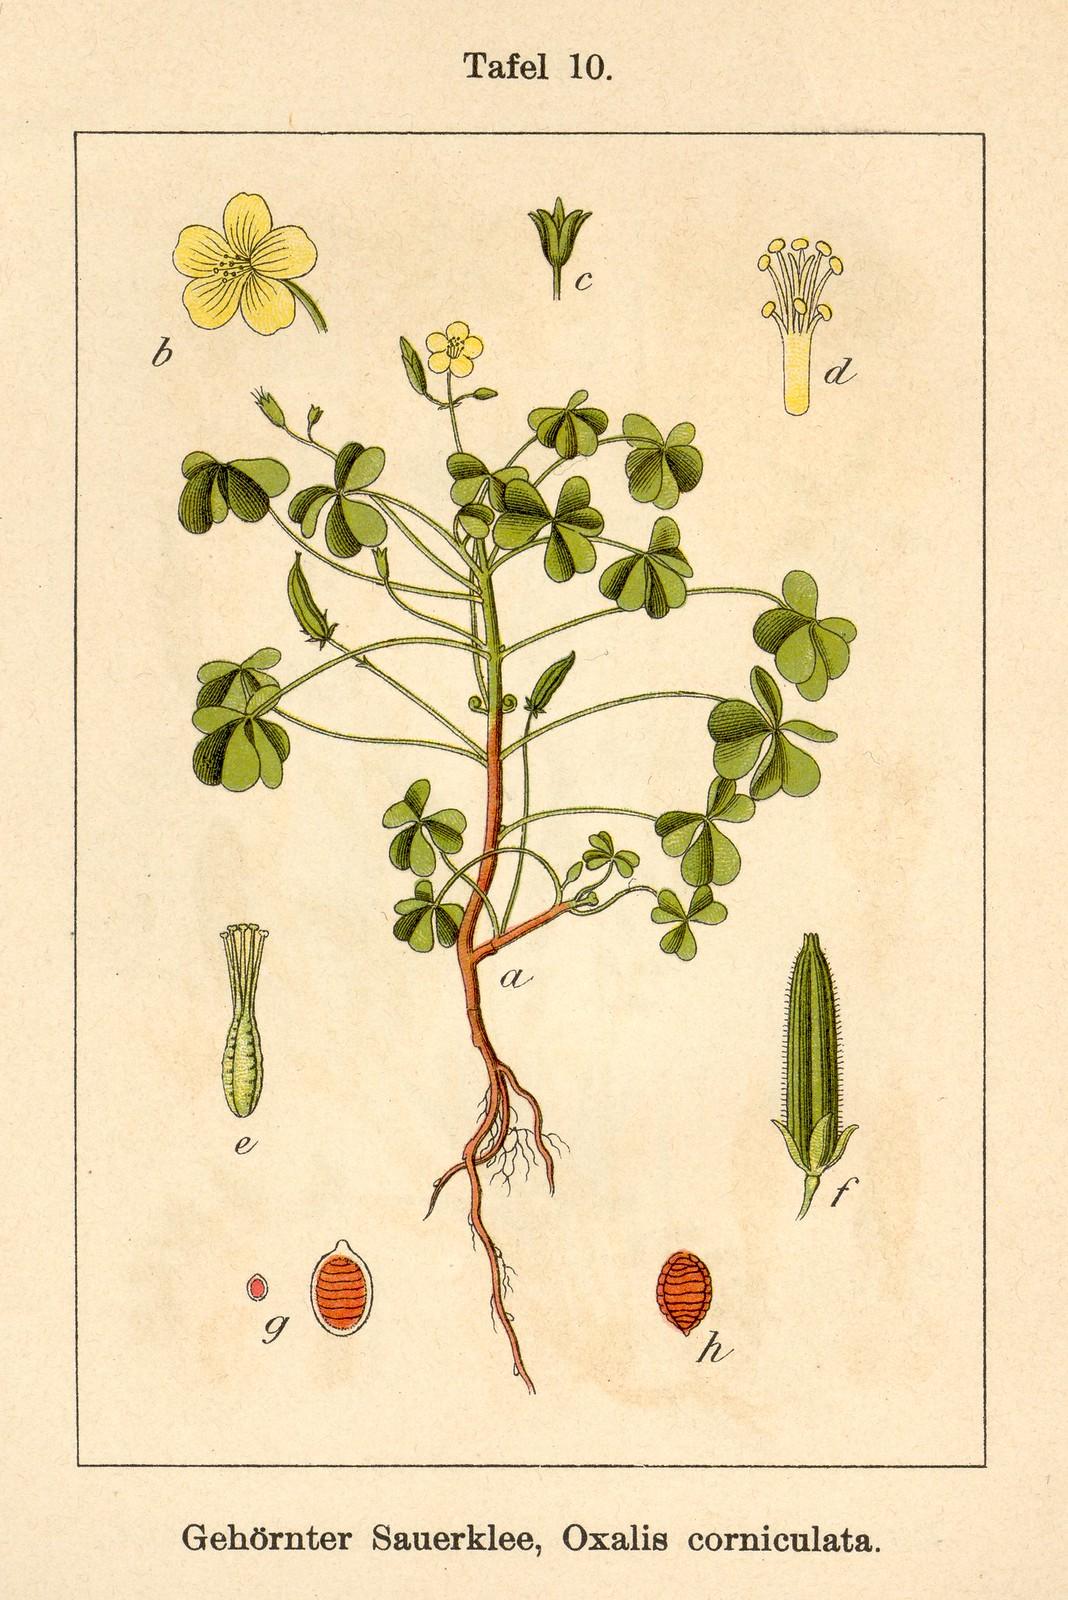 Wood sorrel (Oxalis corniculata)